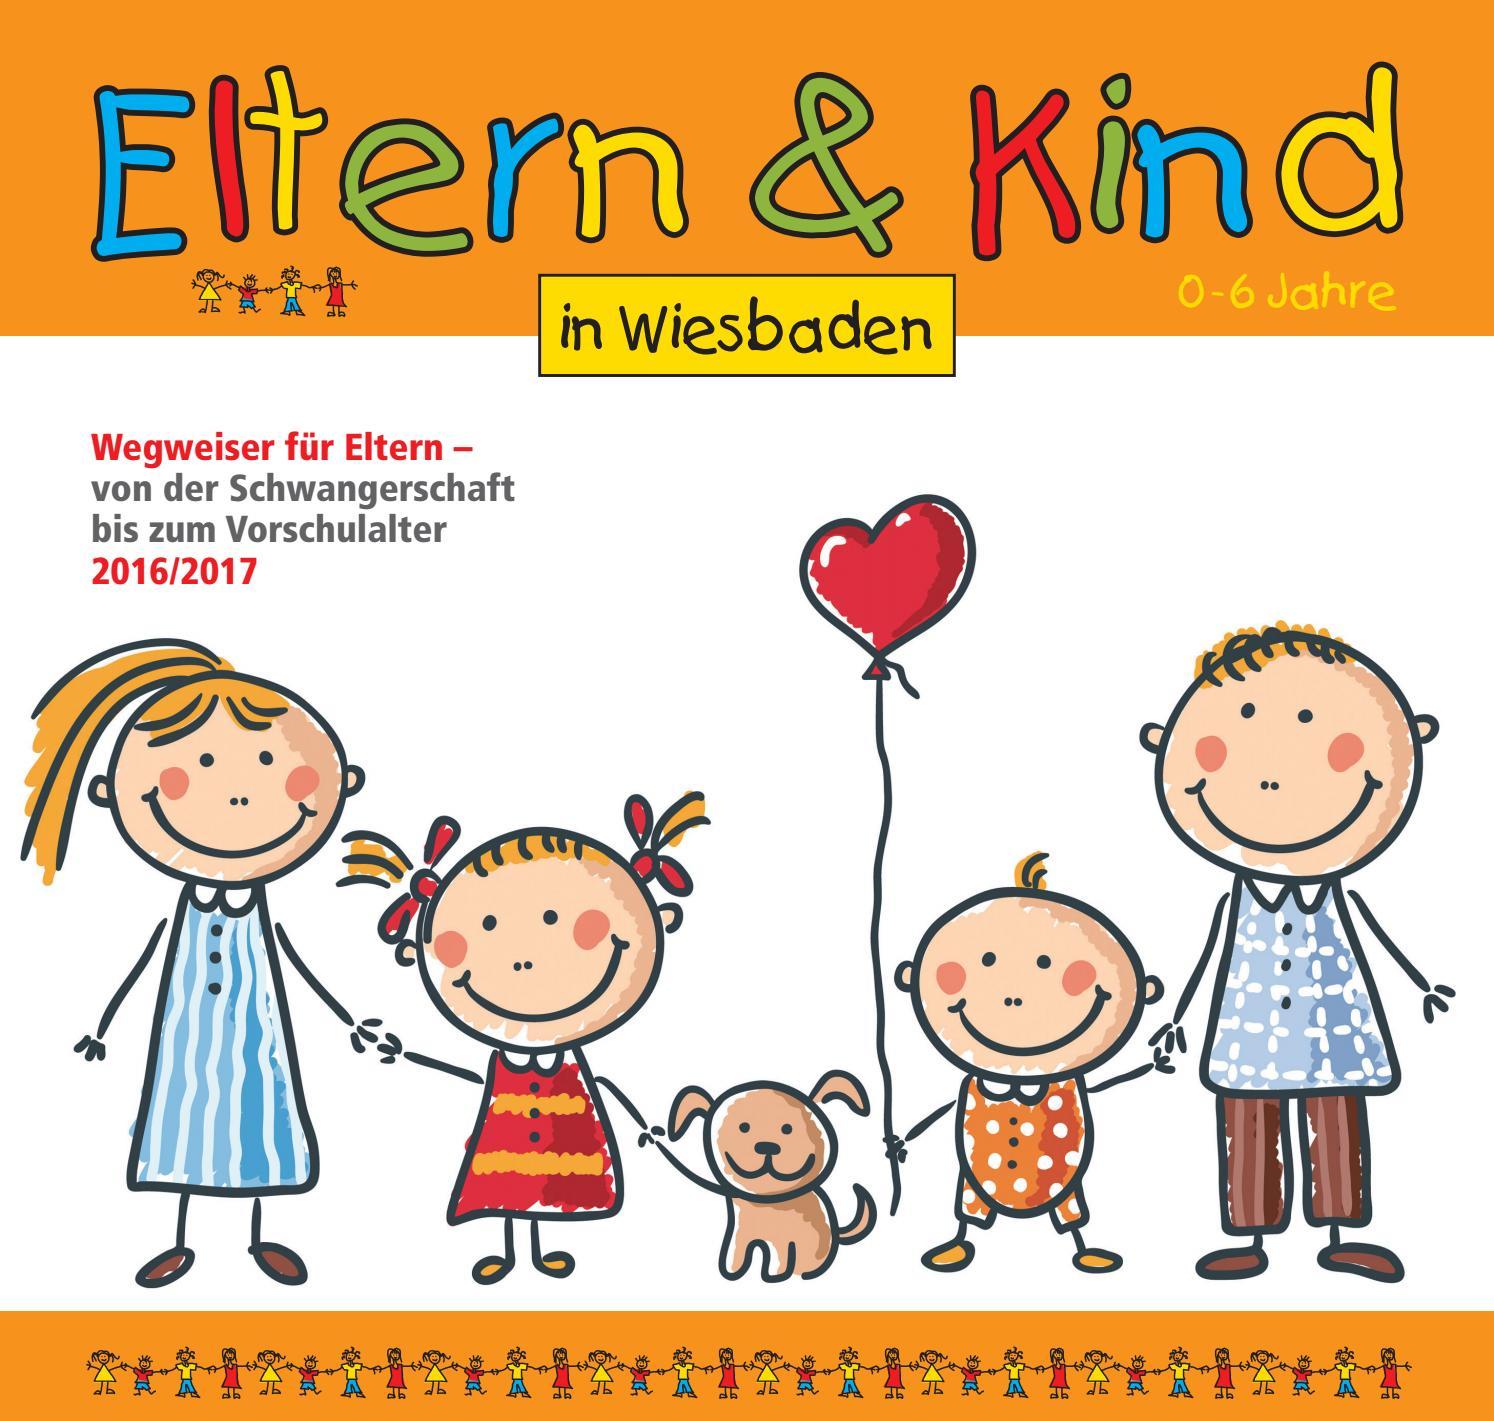 Eltern & Kind in Wiesbaden 2016 by DER PLAN OHG - issuu